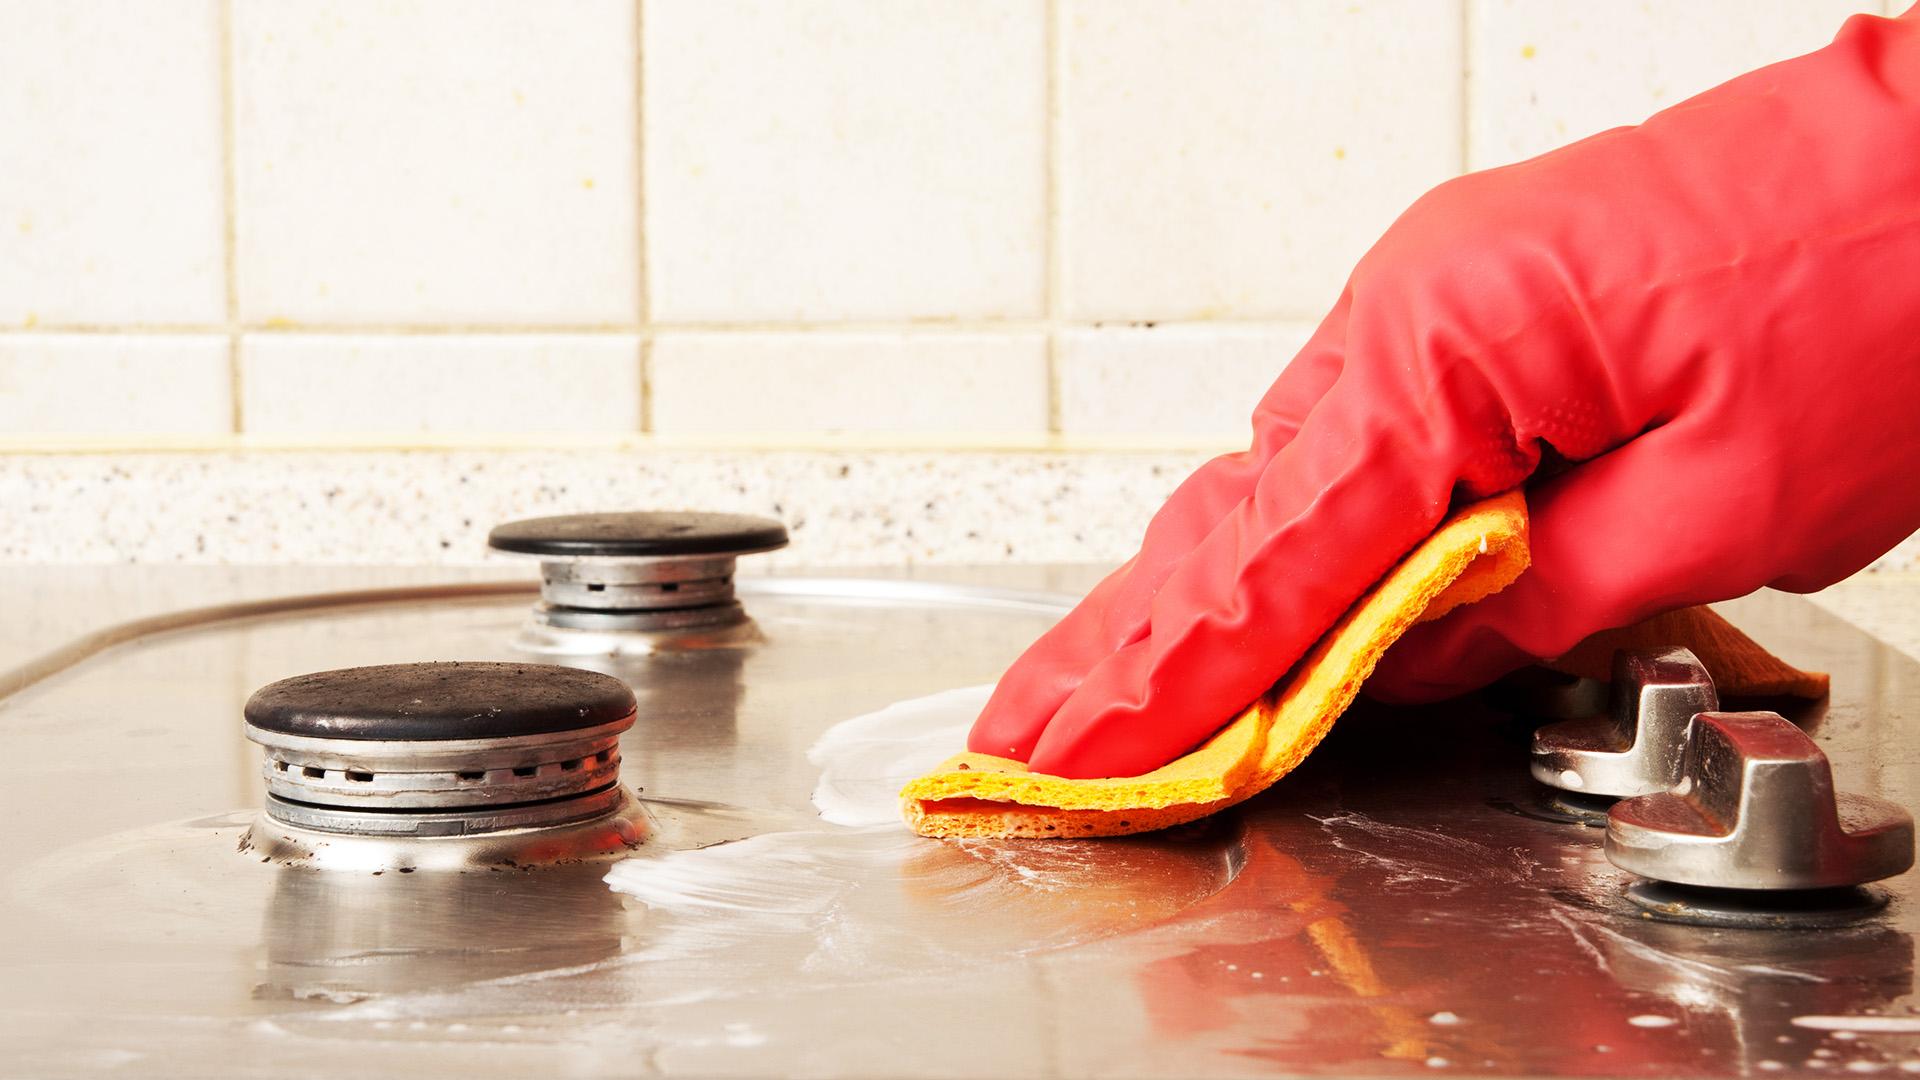 Как почистить газовую плиту в домашних условиях - О чистоте 29